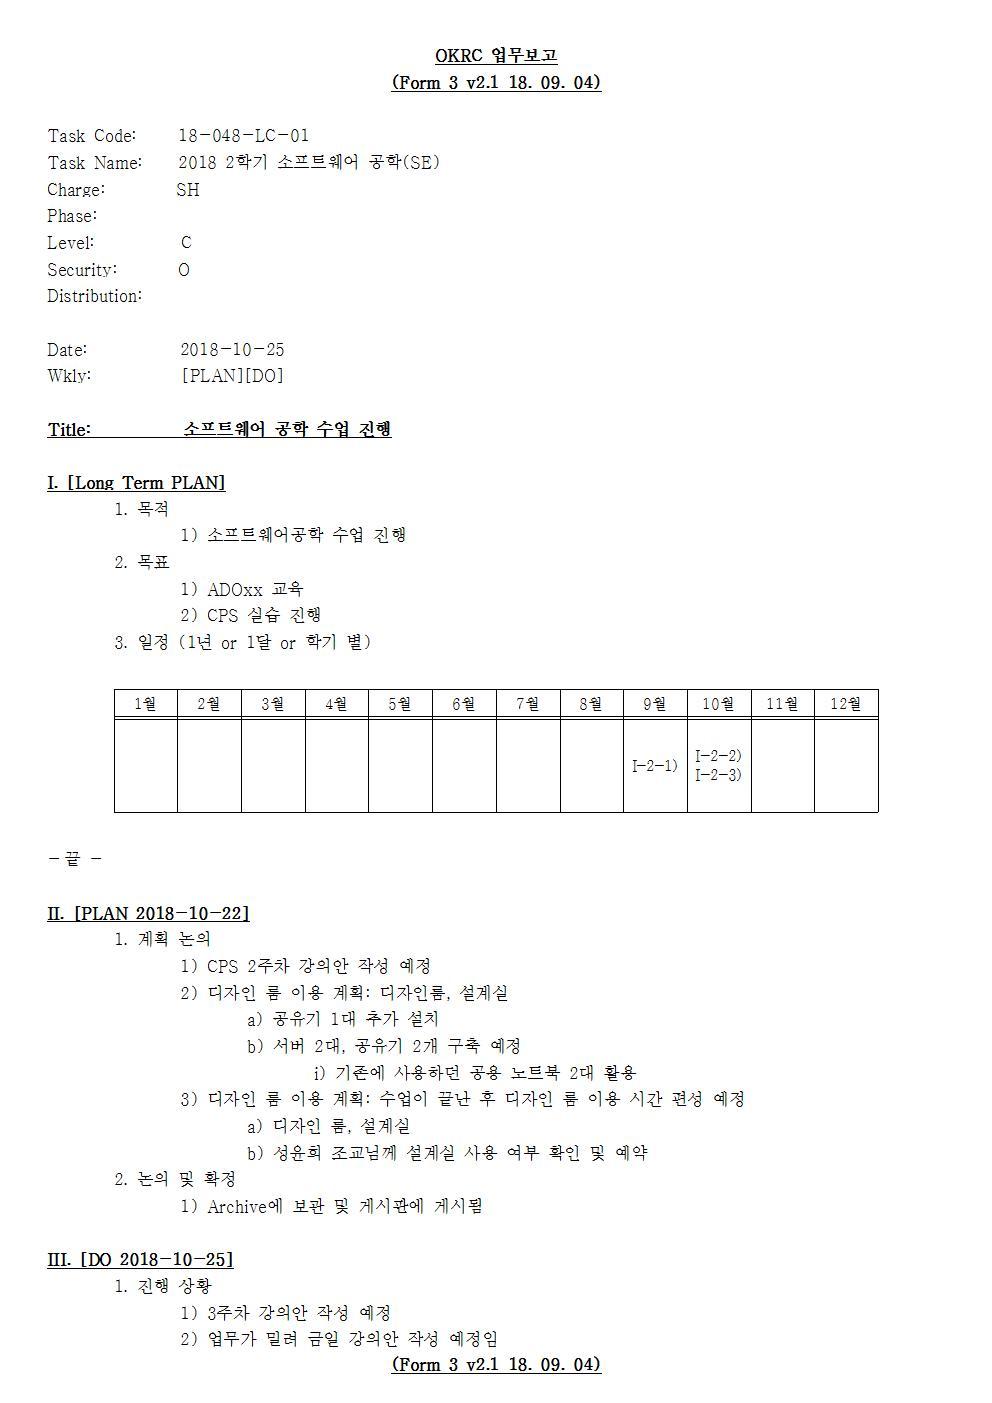 D-[18-048-LC-01]-[SE]-[2018-10-25][SH]001.jpg